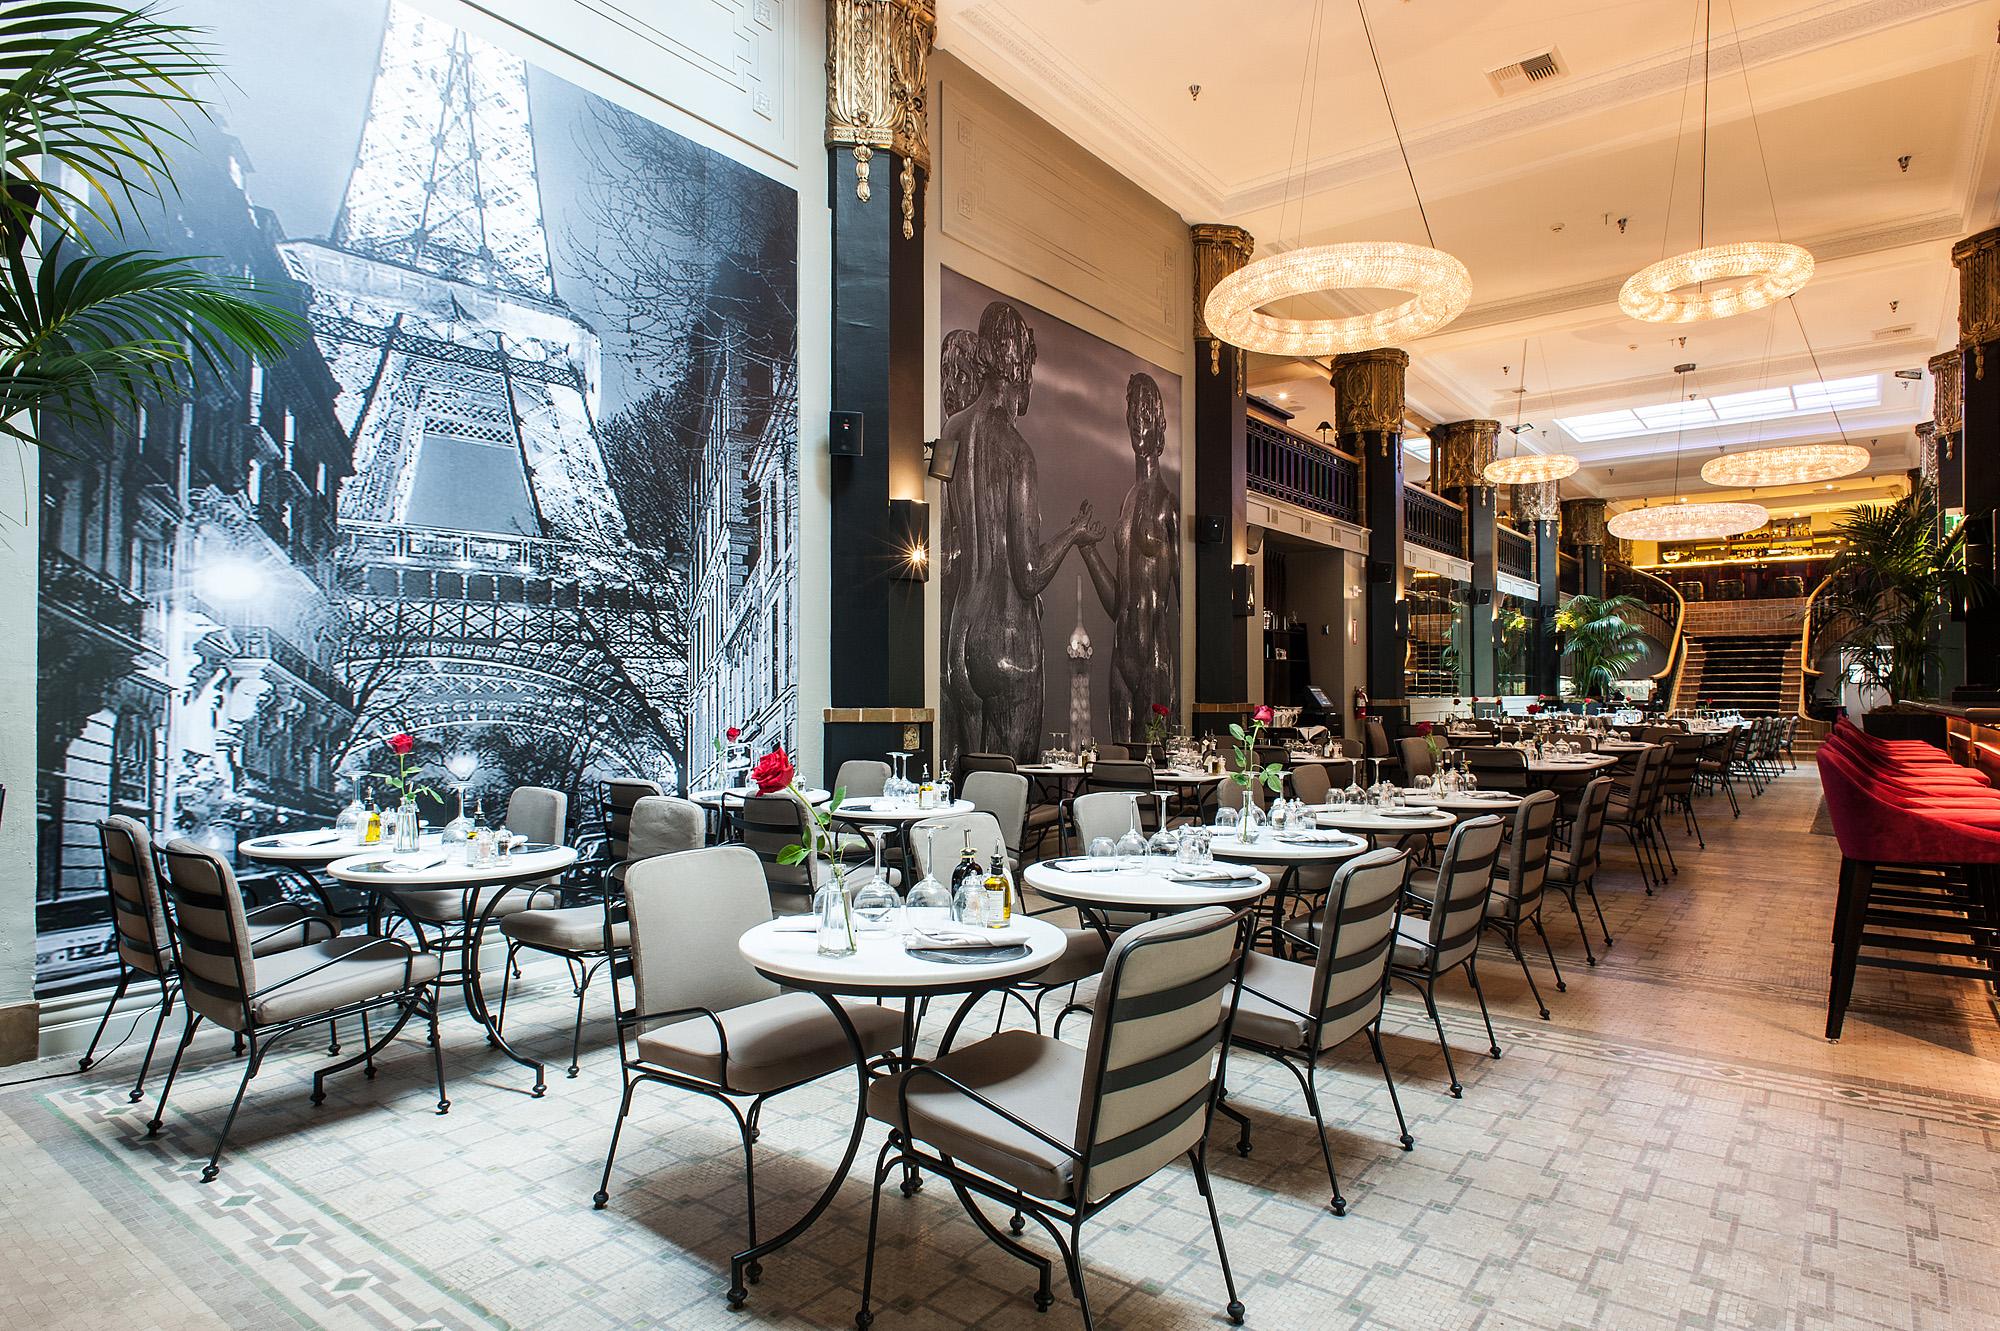 Behold Le Petit Paris Downtown La S New Crown Jewel